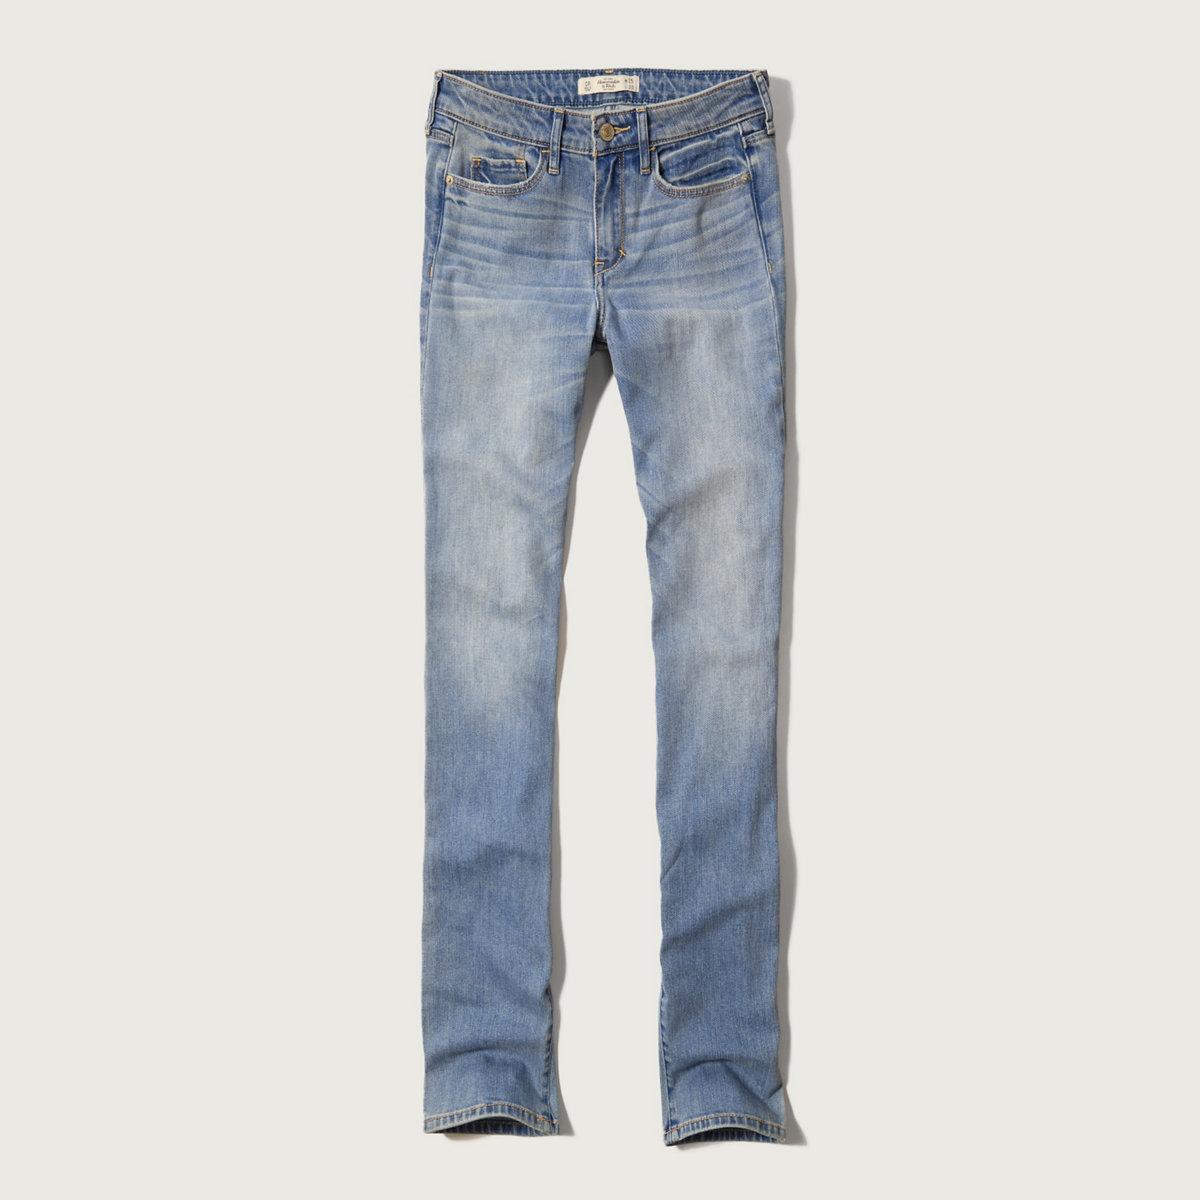 A&F Sloan Skinny Jeans